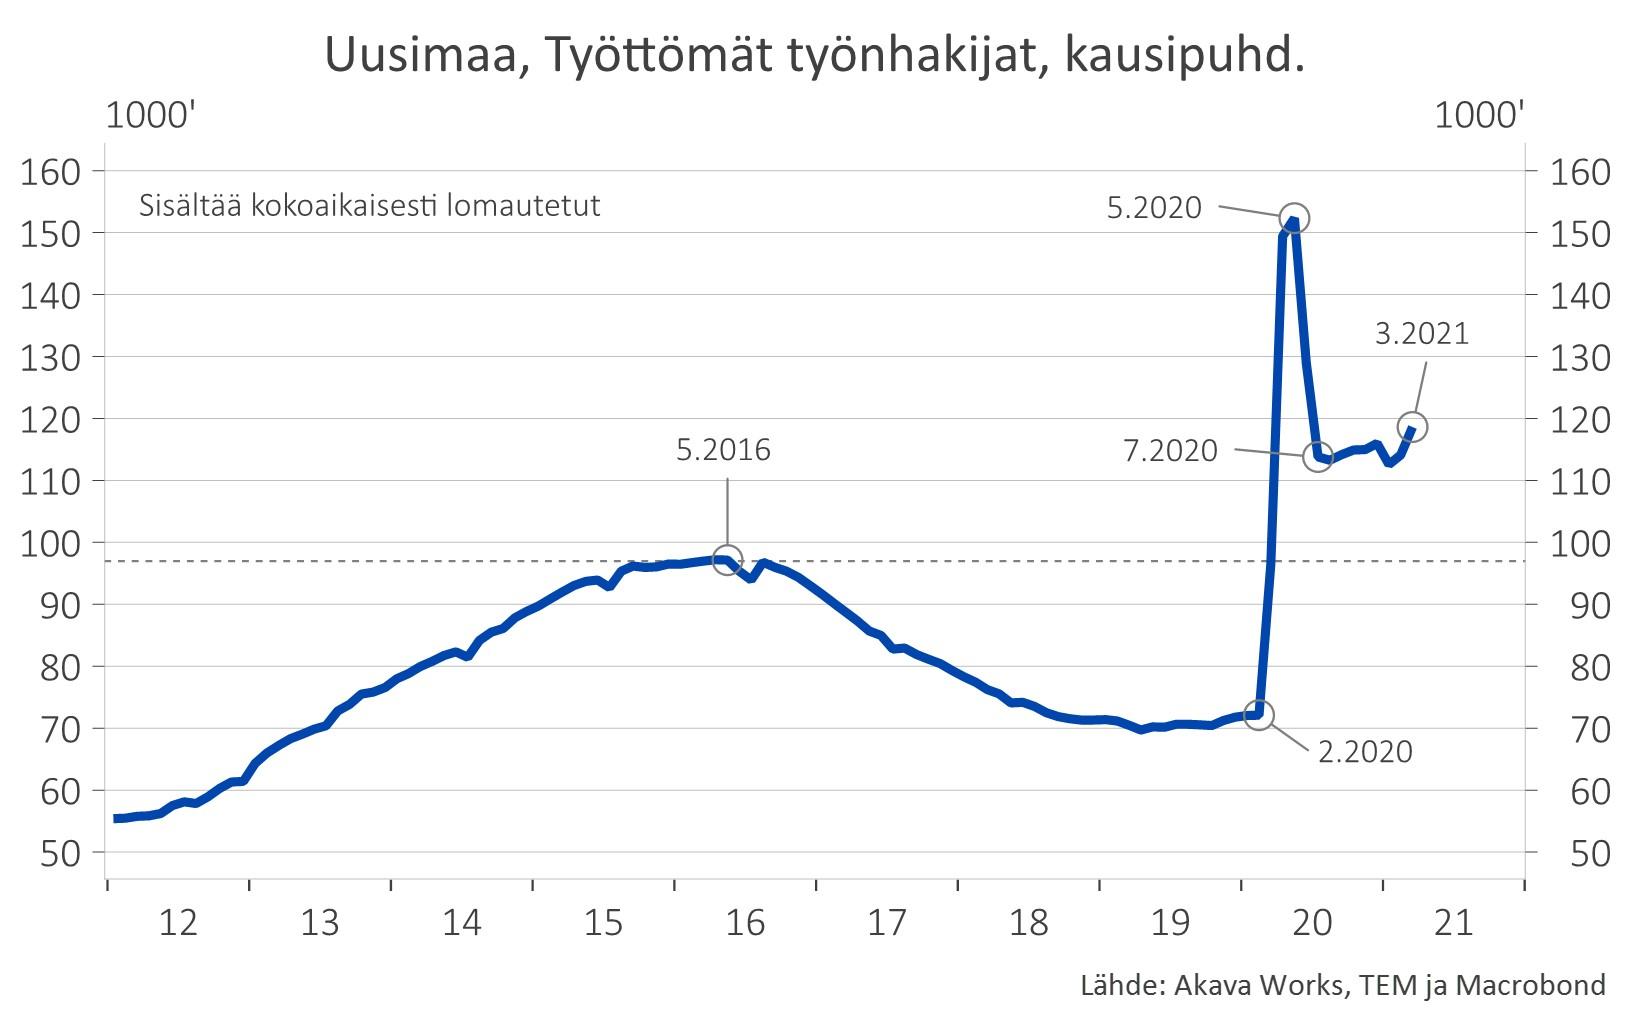 Työttömät työnhakijat Uudellamaalla (sisältää kokoaikaisesti lomautetut)